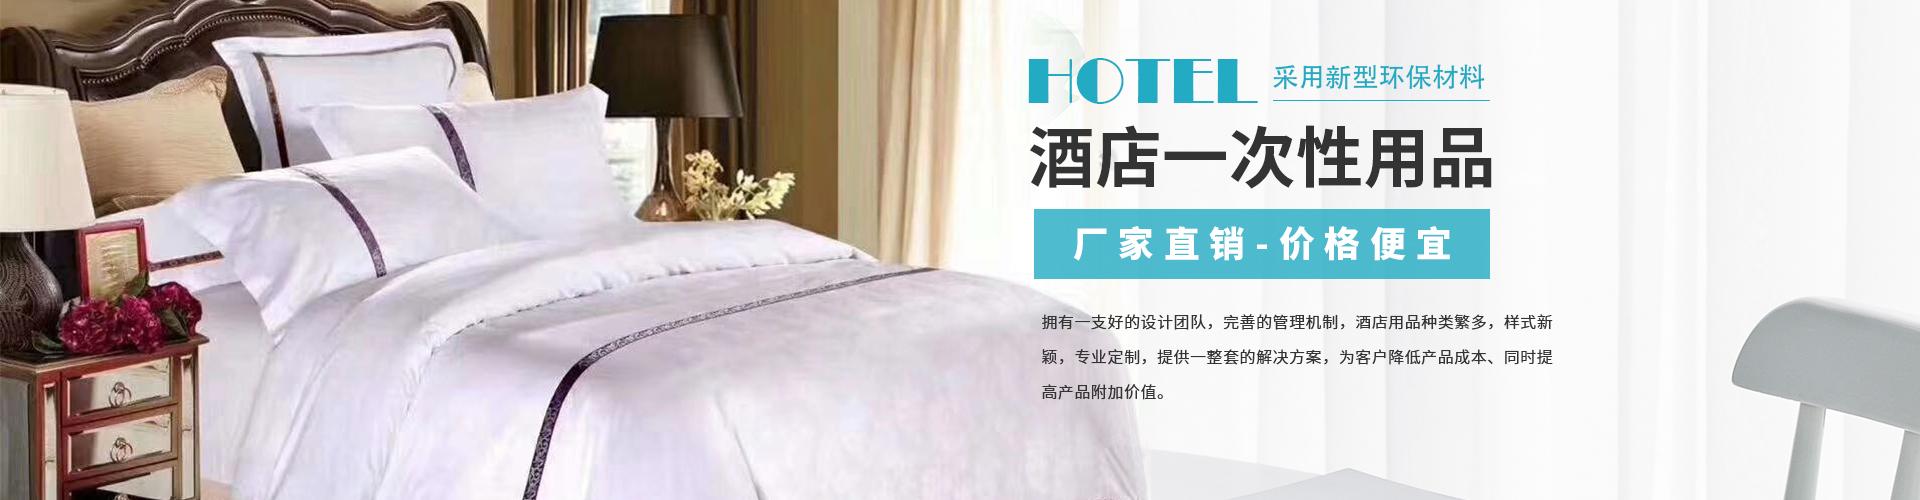 重庆酒店用品厂家